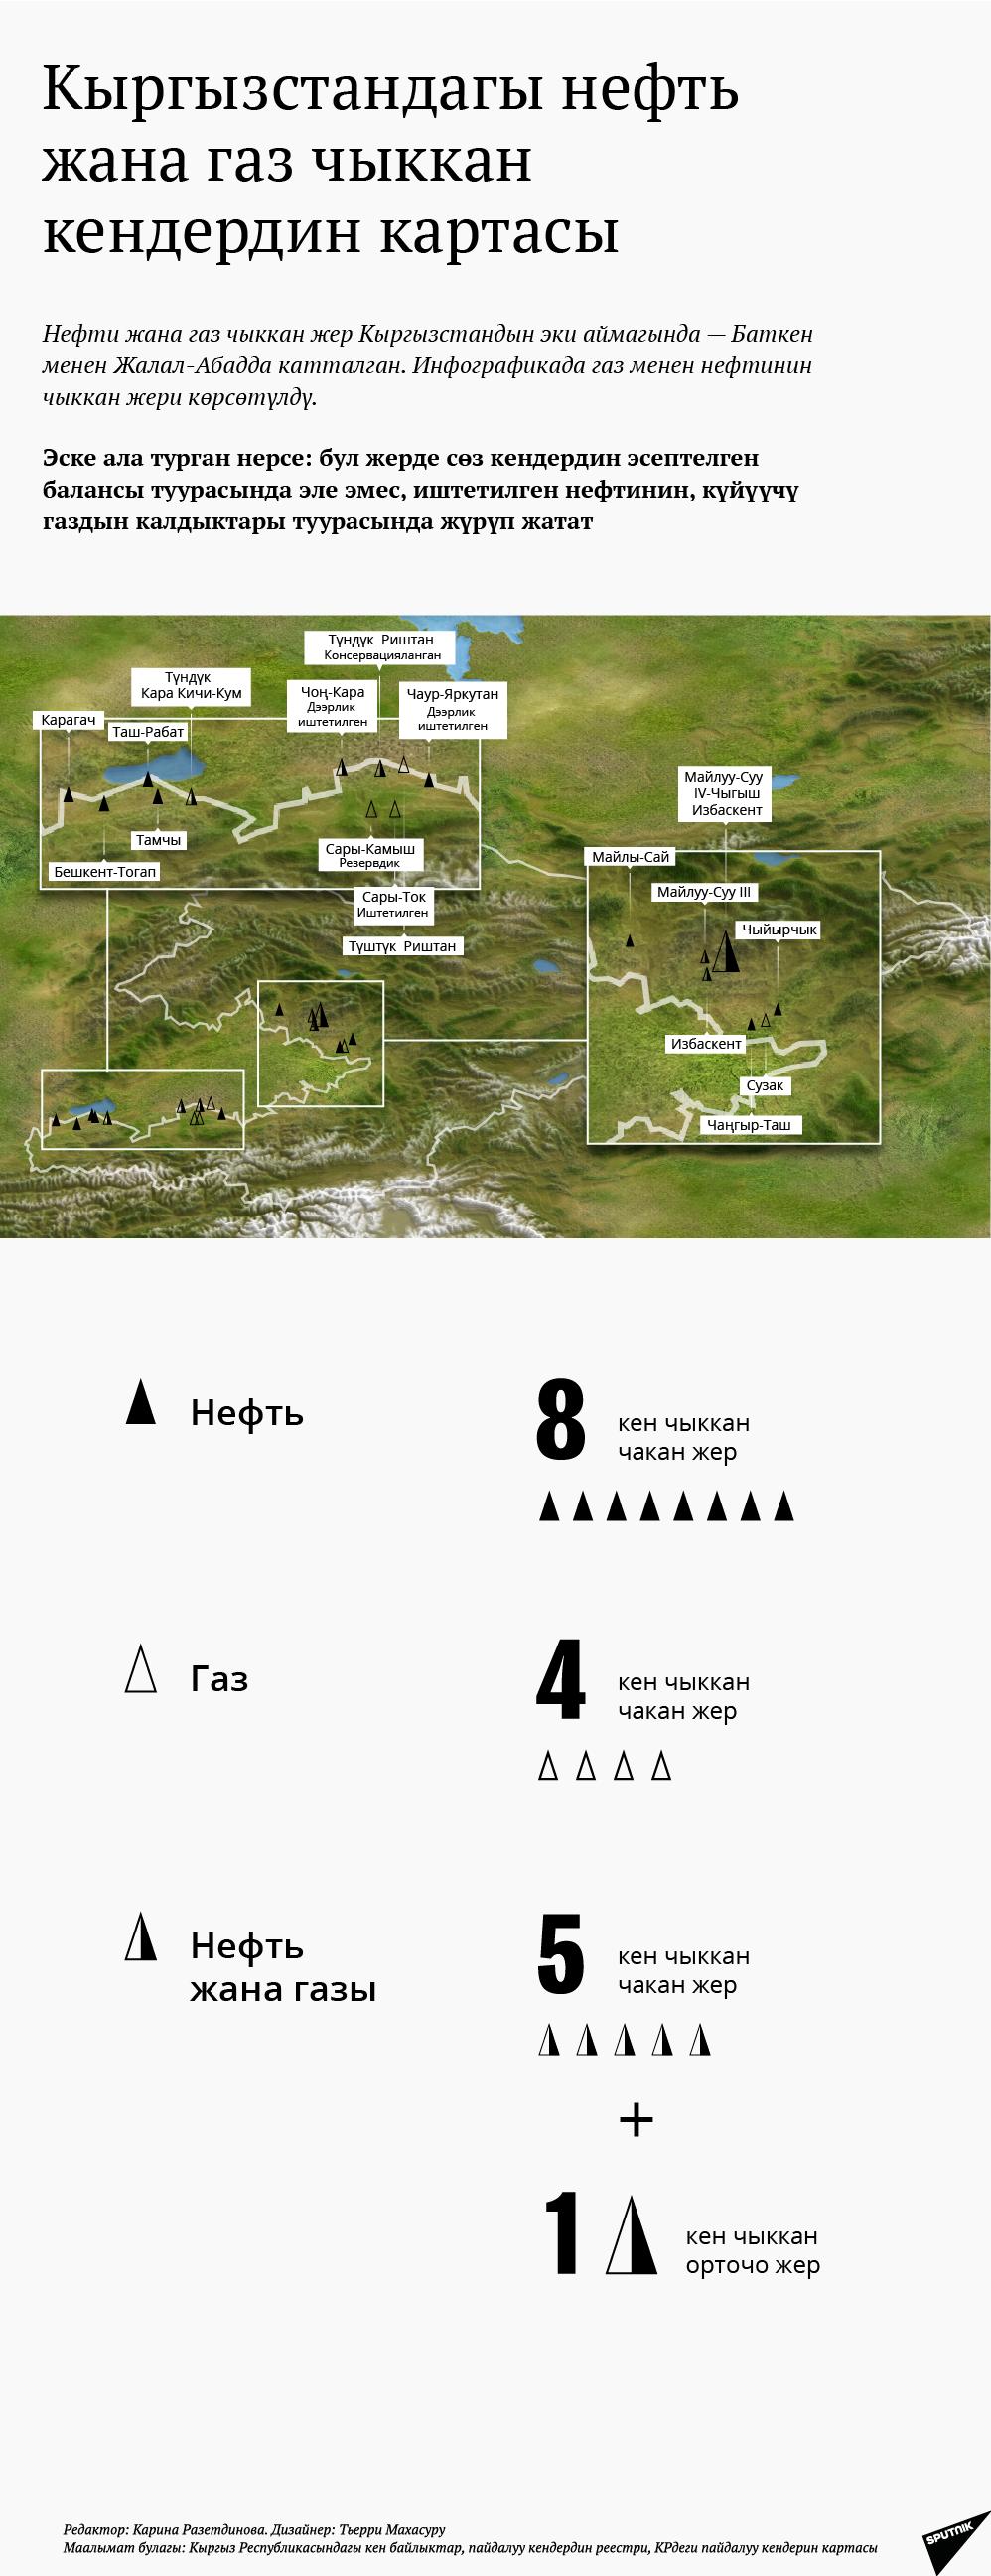 Кыргызстандагы нефть жана газ чыккан кендердин картасы